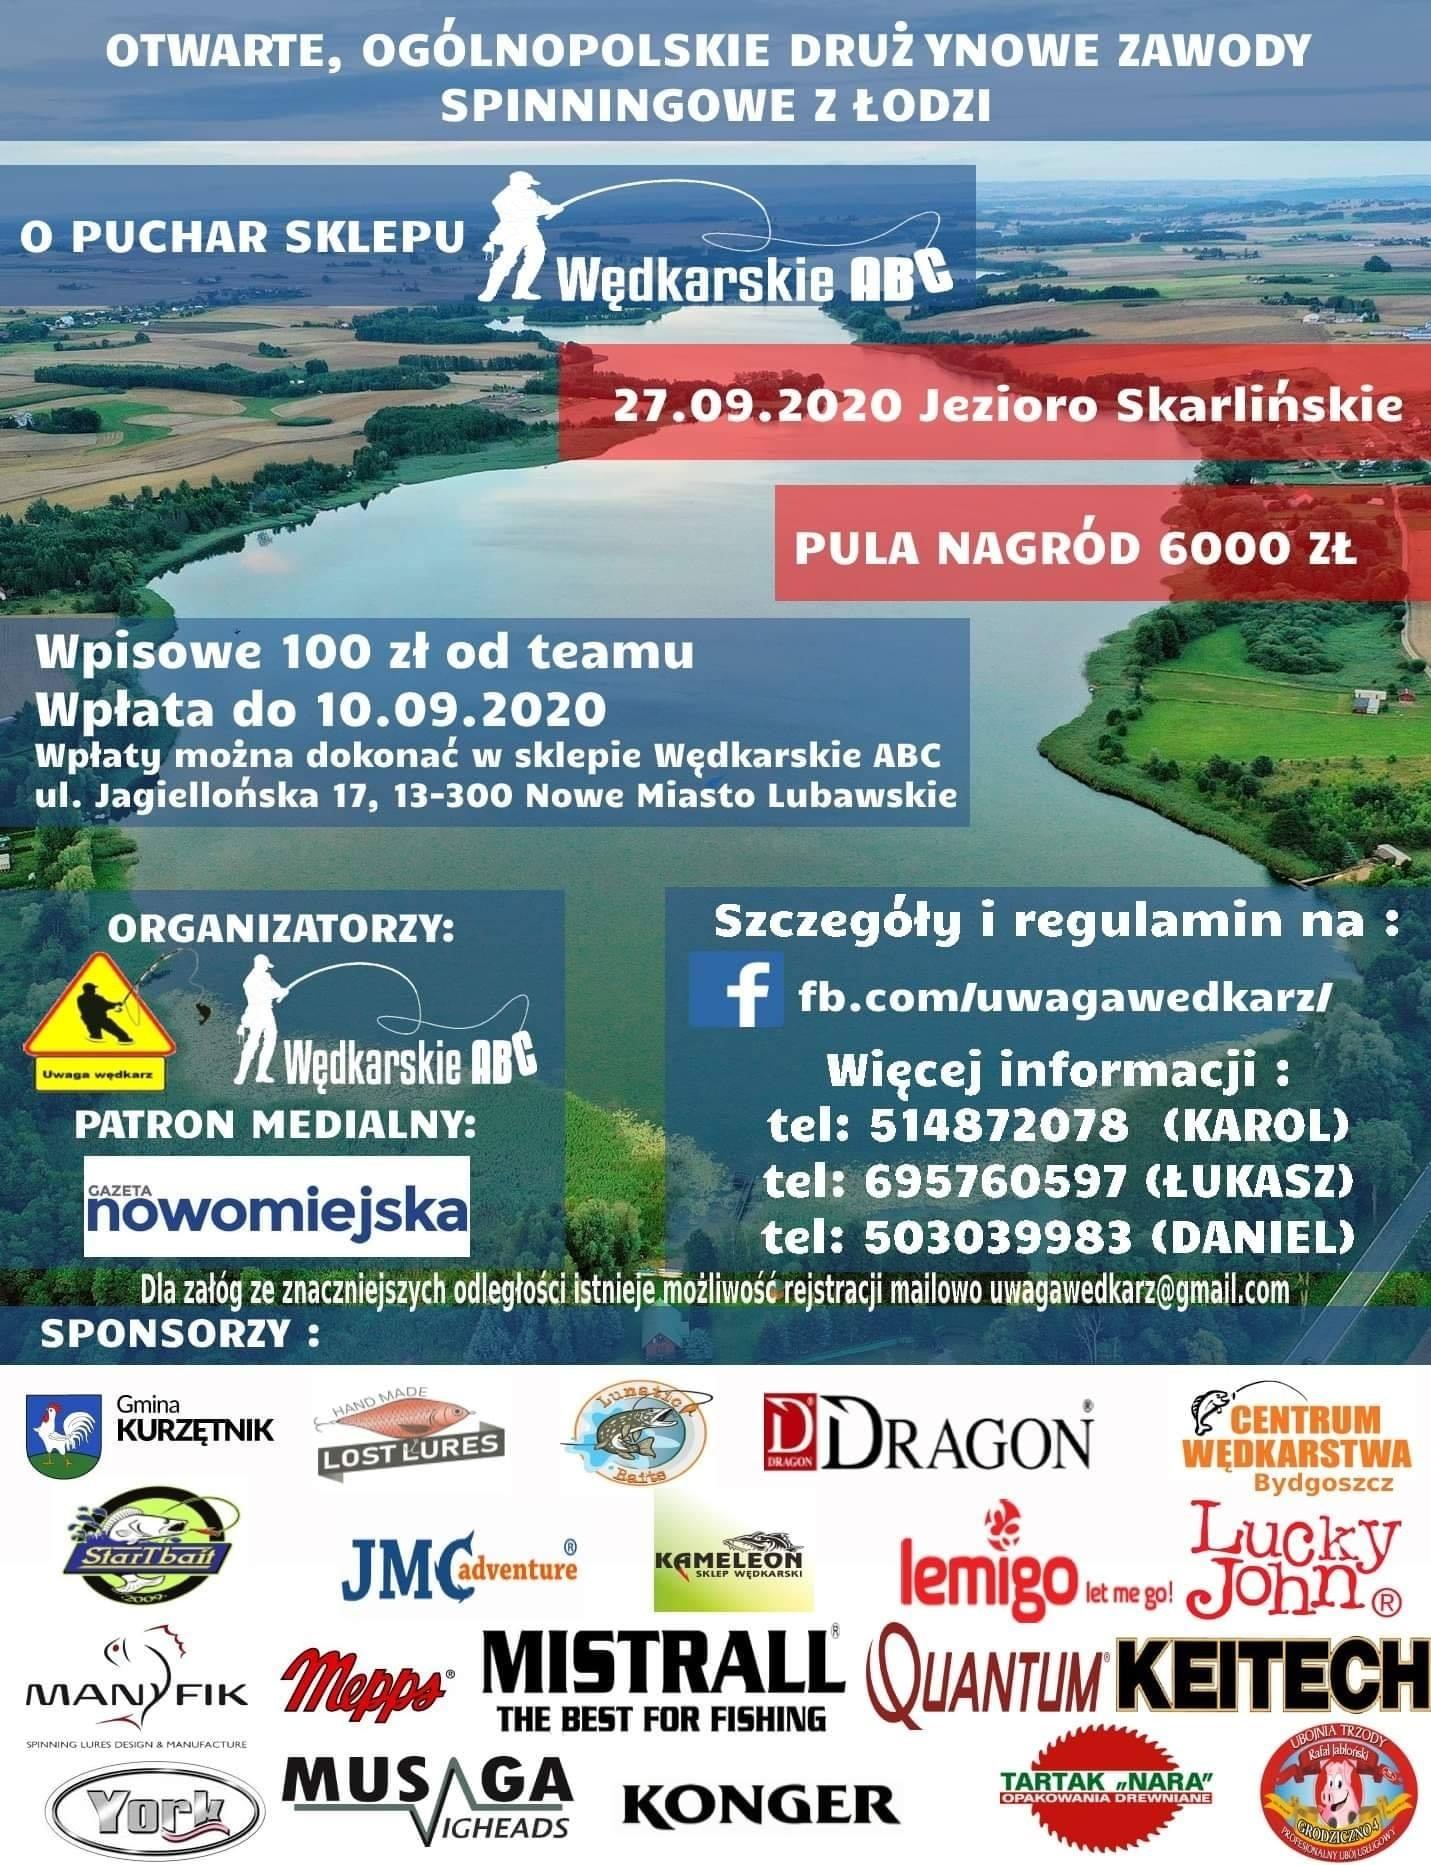 Ilustracja do informacji: Otwarte, ogólnopolskie drużynowe zawody spinningowe z łodzi